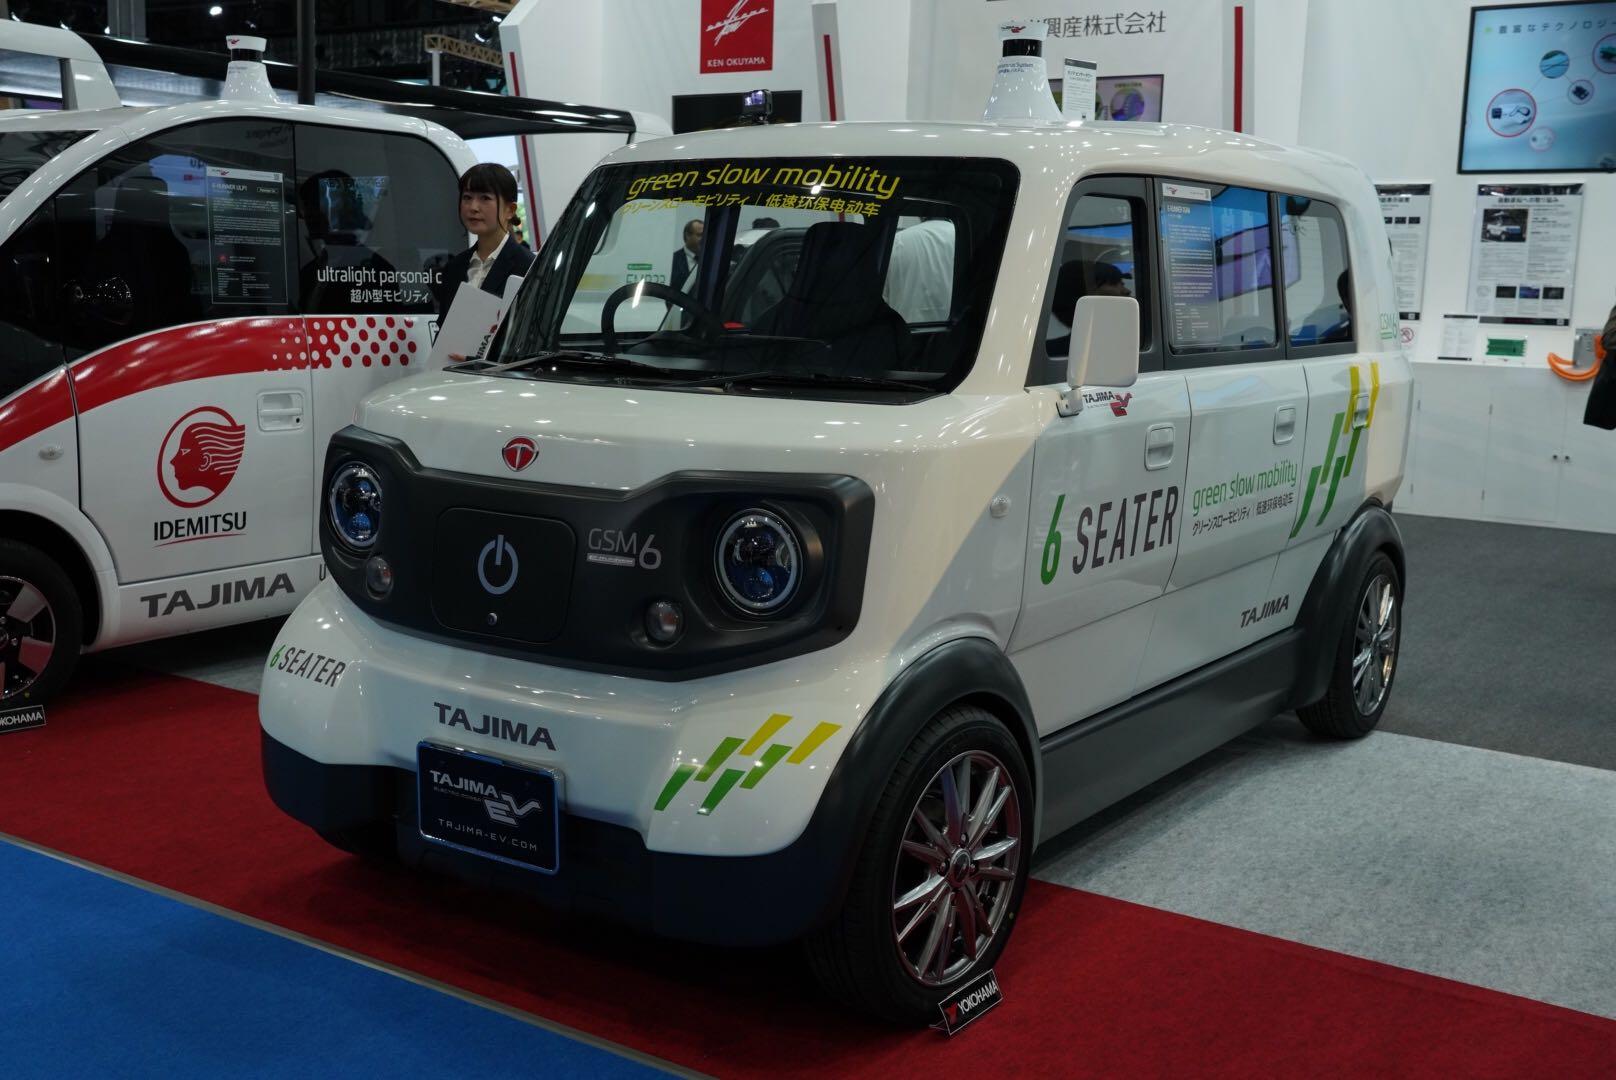 タジマ イーランナー GSM6 東京モーターショー2019